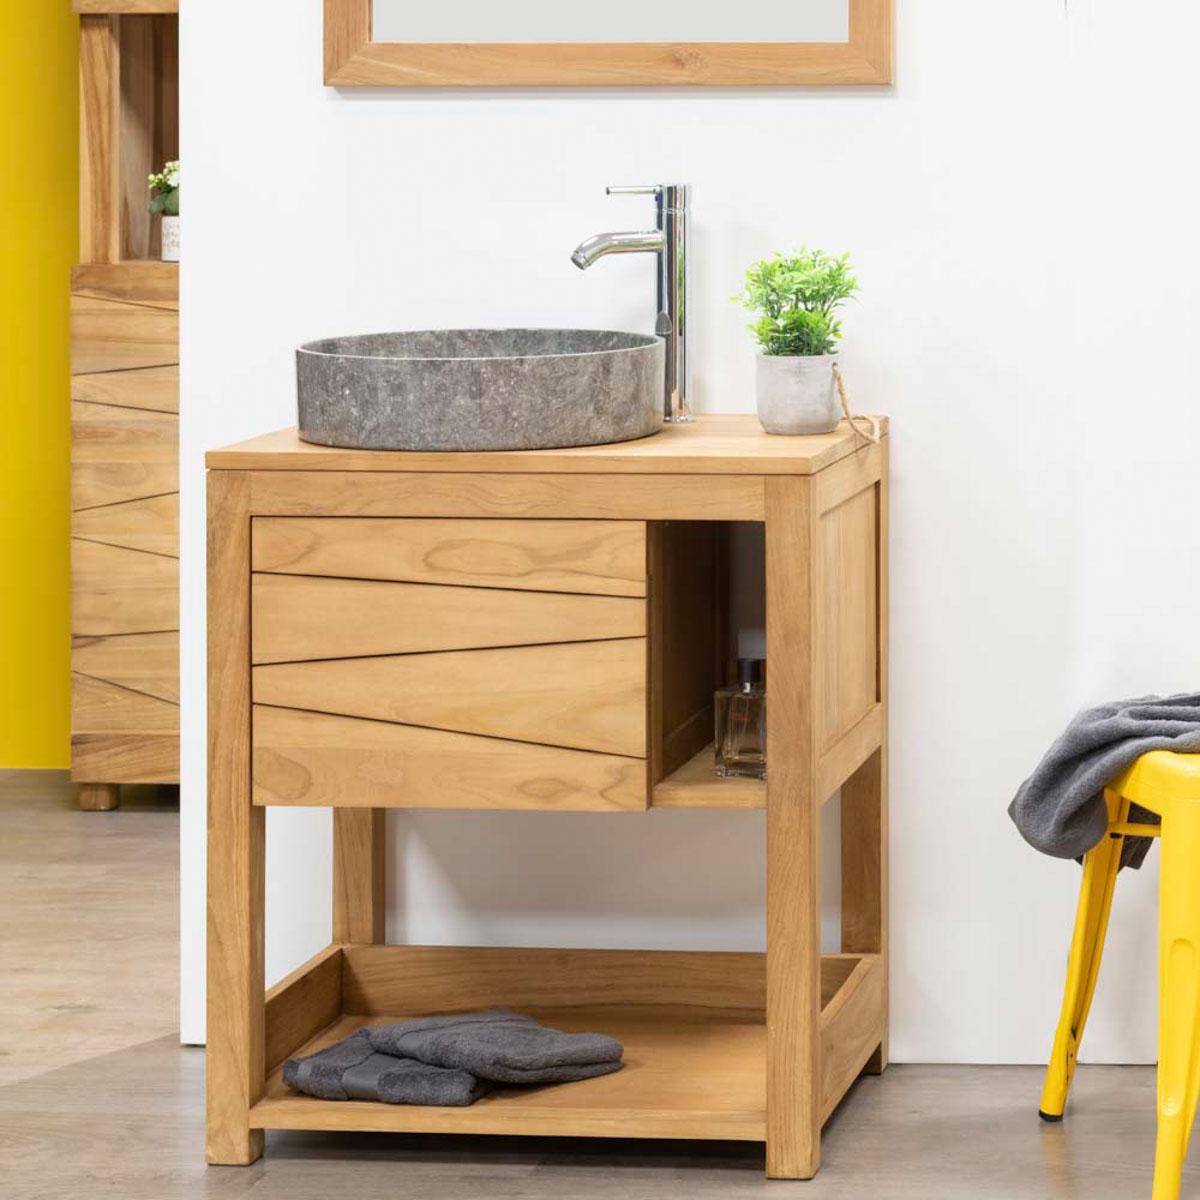 Petit Meuble Pour Salle De Bain meuble sous vasque en teck cosy 67cm